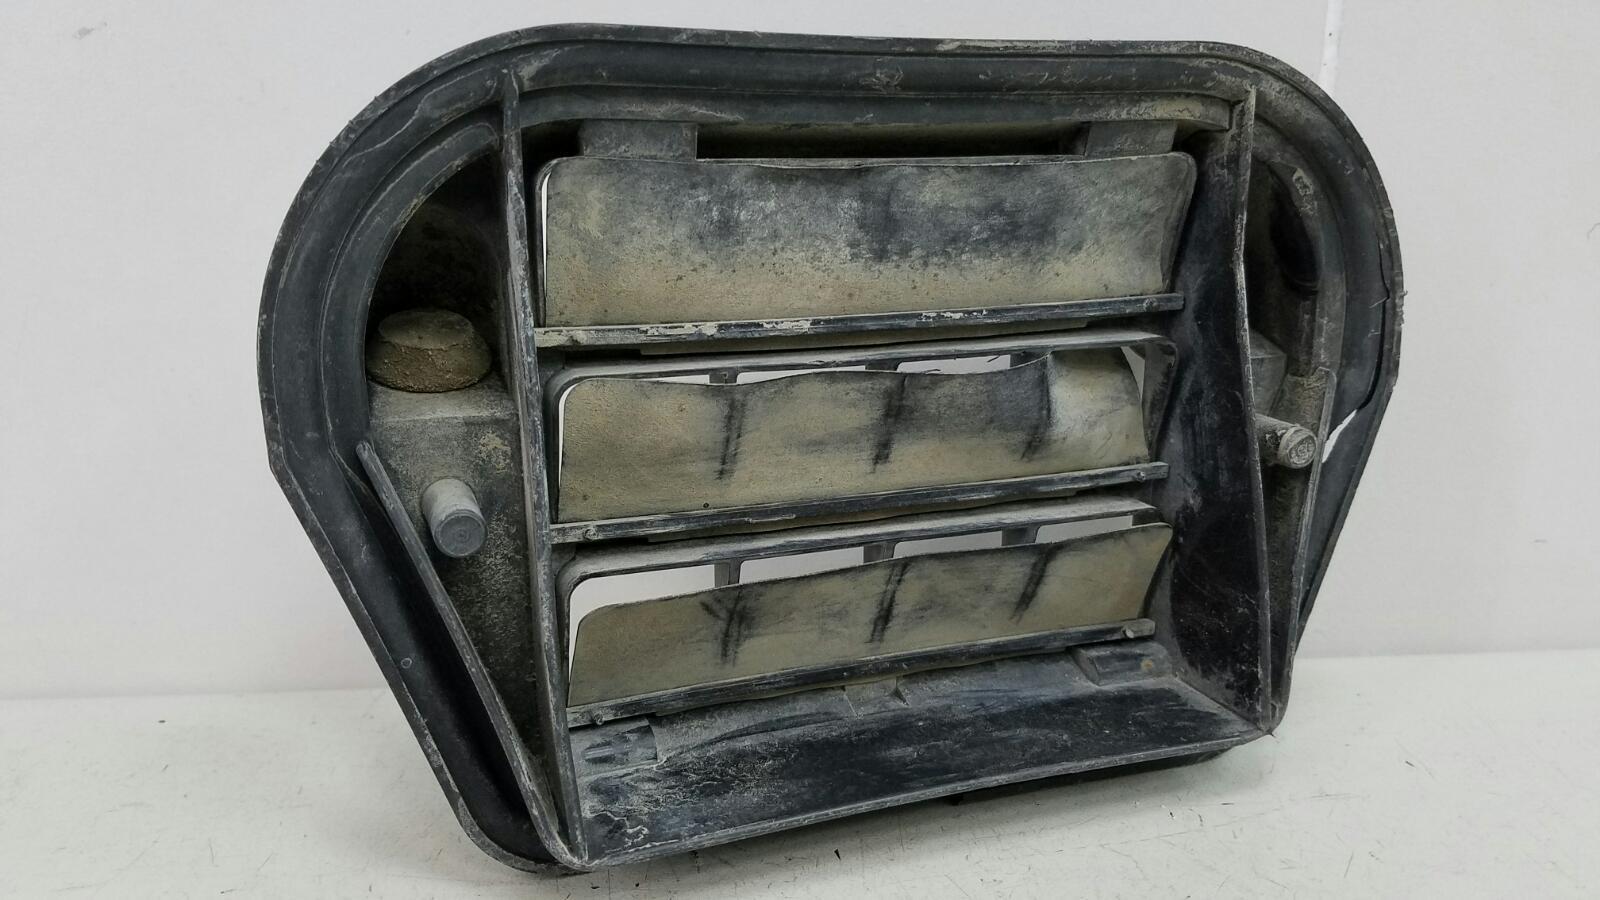 Клапан вентиляции багажника Volvo C70 Купэ NK B5234T3 2001г задний правый